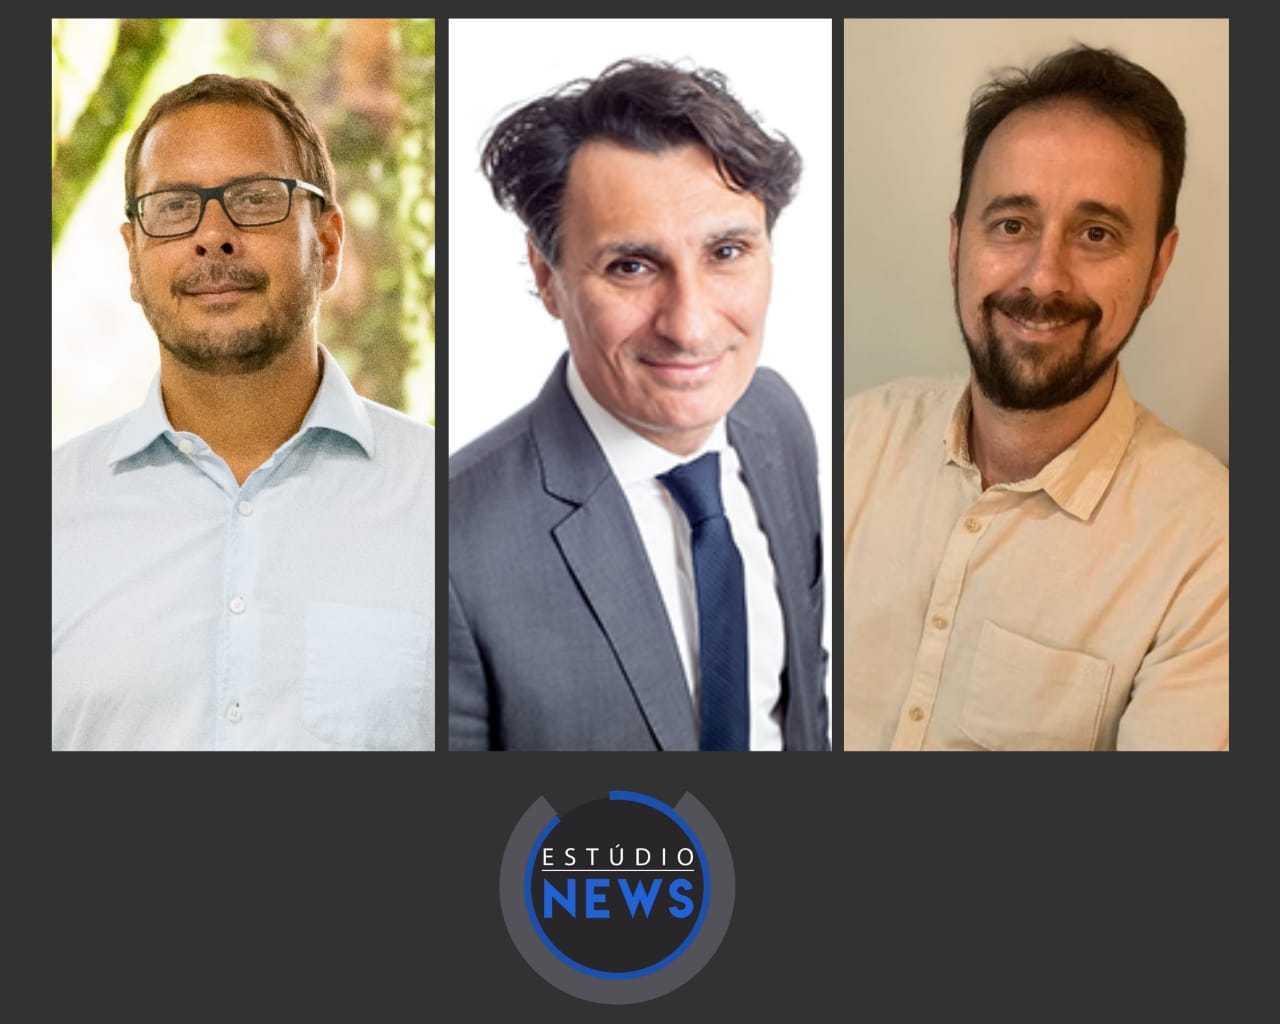 Rubens Benini, André Nassar, Adiéliton Galvão de Freitas